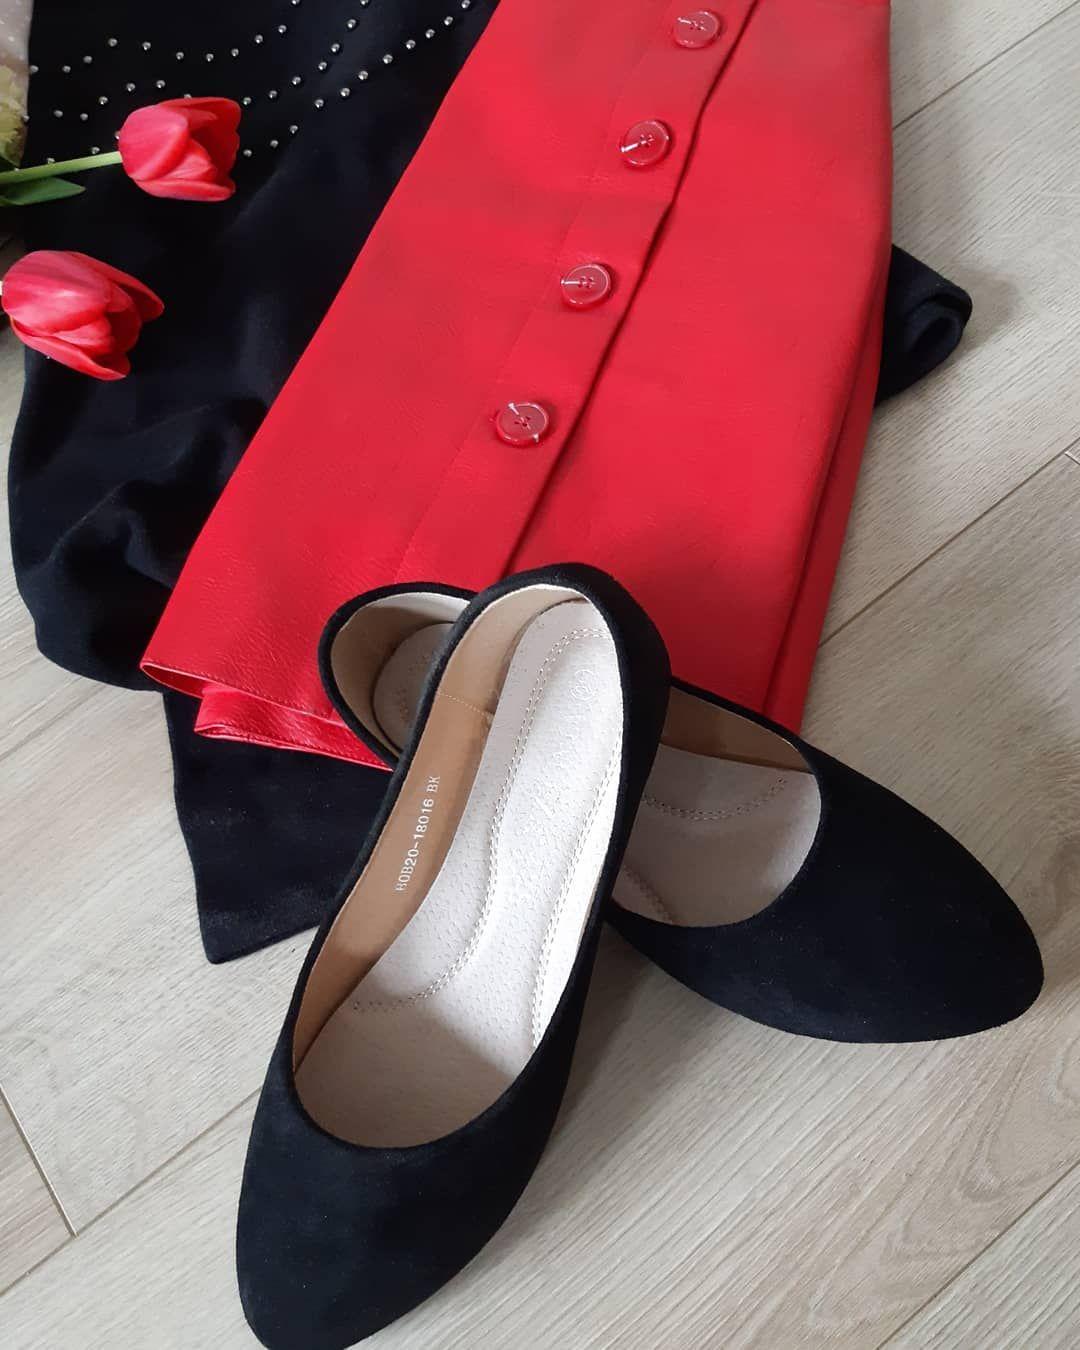 Polubienia 65 Komentarze 3 Pan Toffel Boutique Pan Toffel Na Instagramie Szukasz Ciekawego Pomyslu Na Poniedzialkowa Wiosenna Styli Pumps Heels Shoes